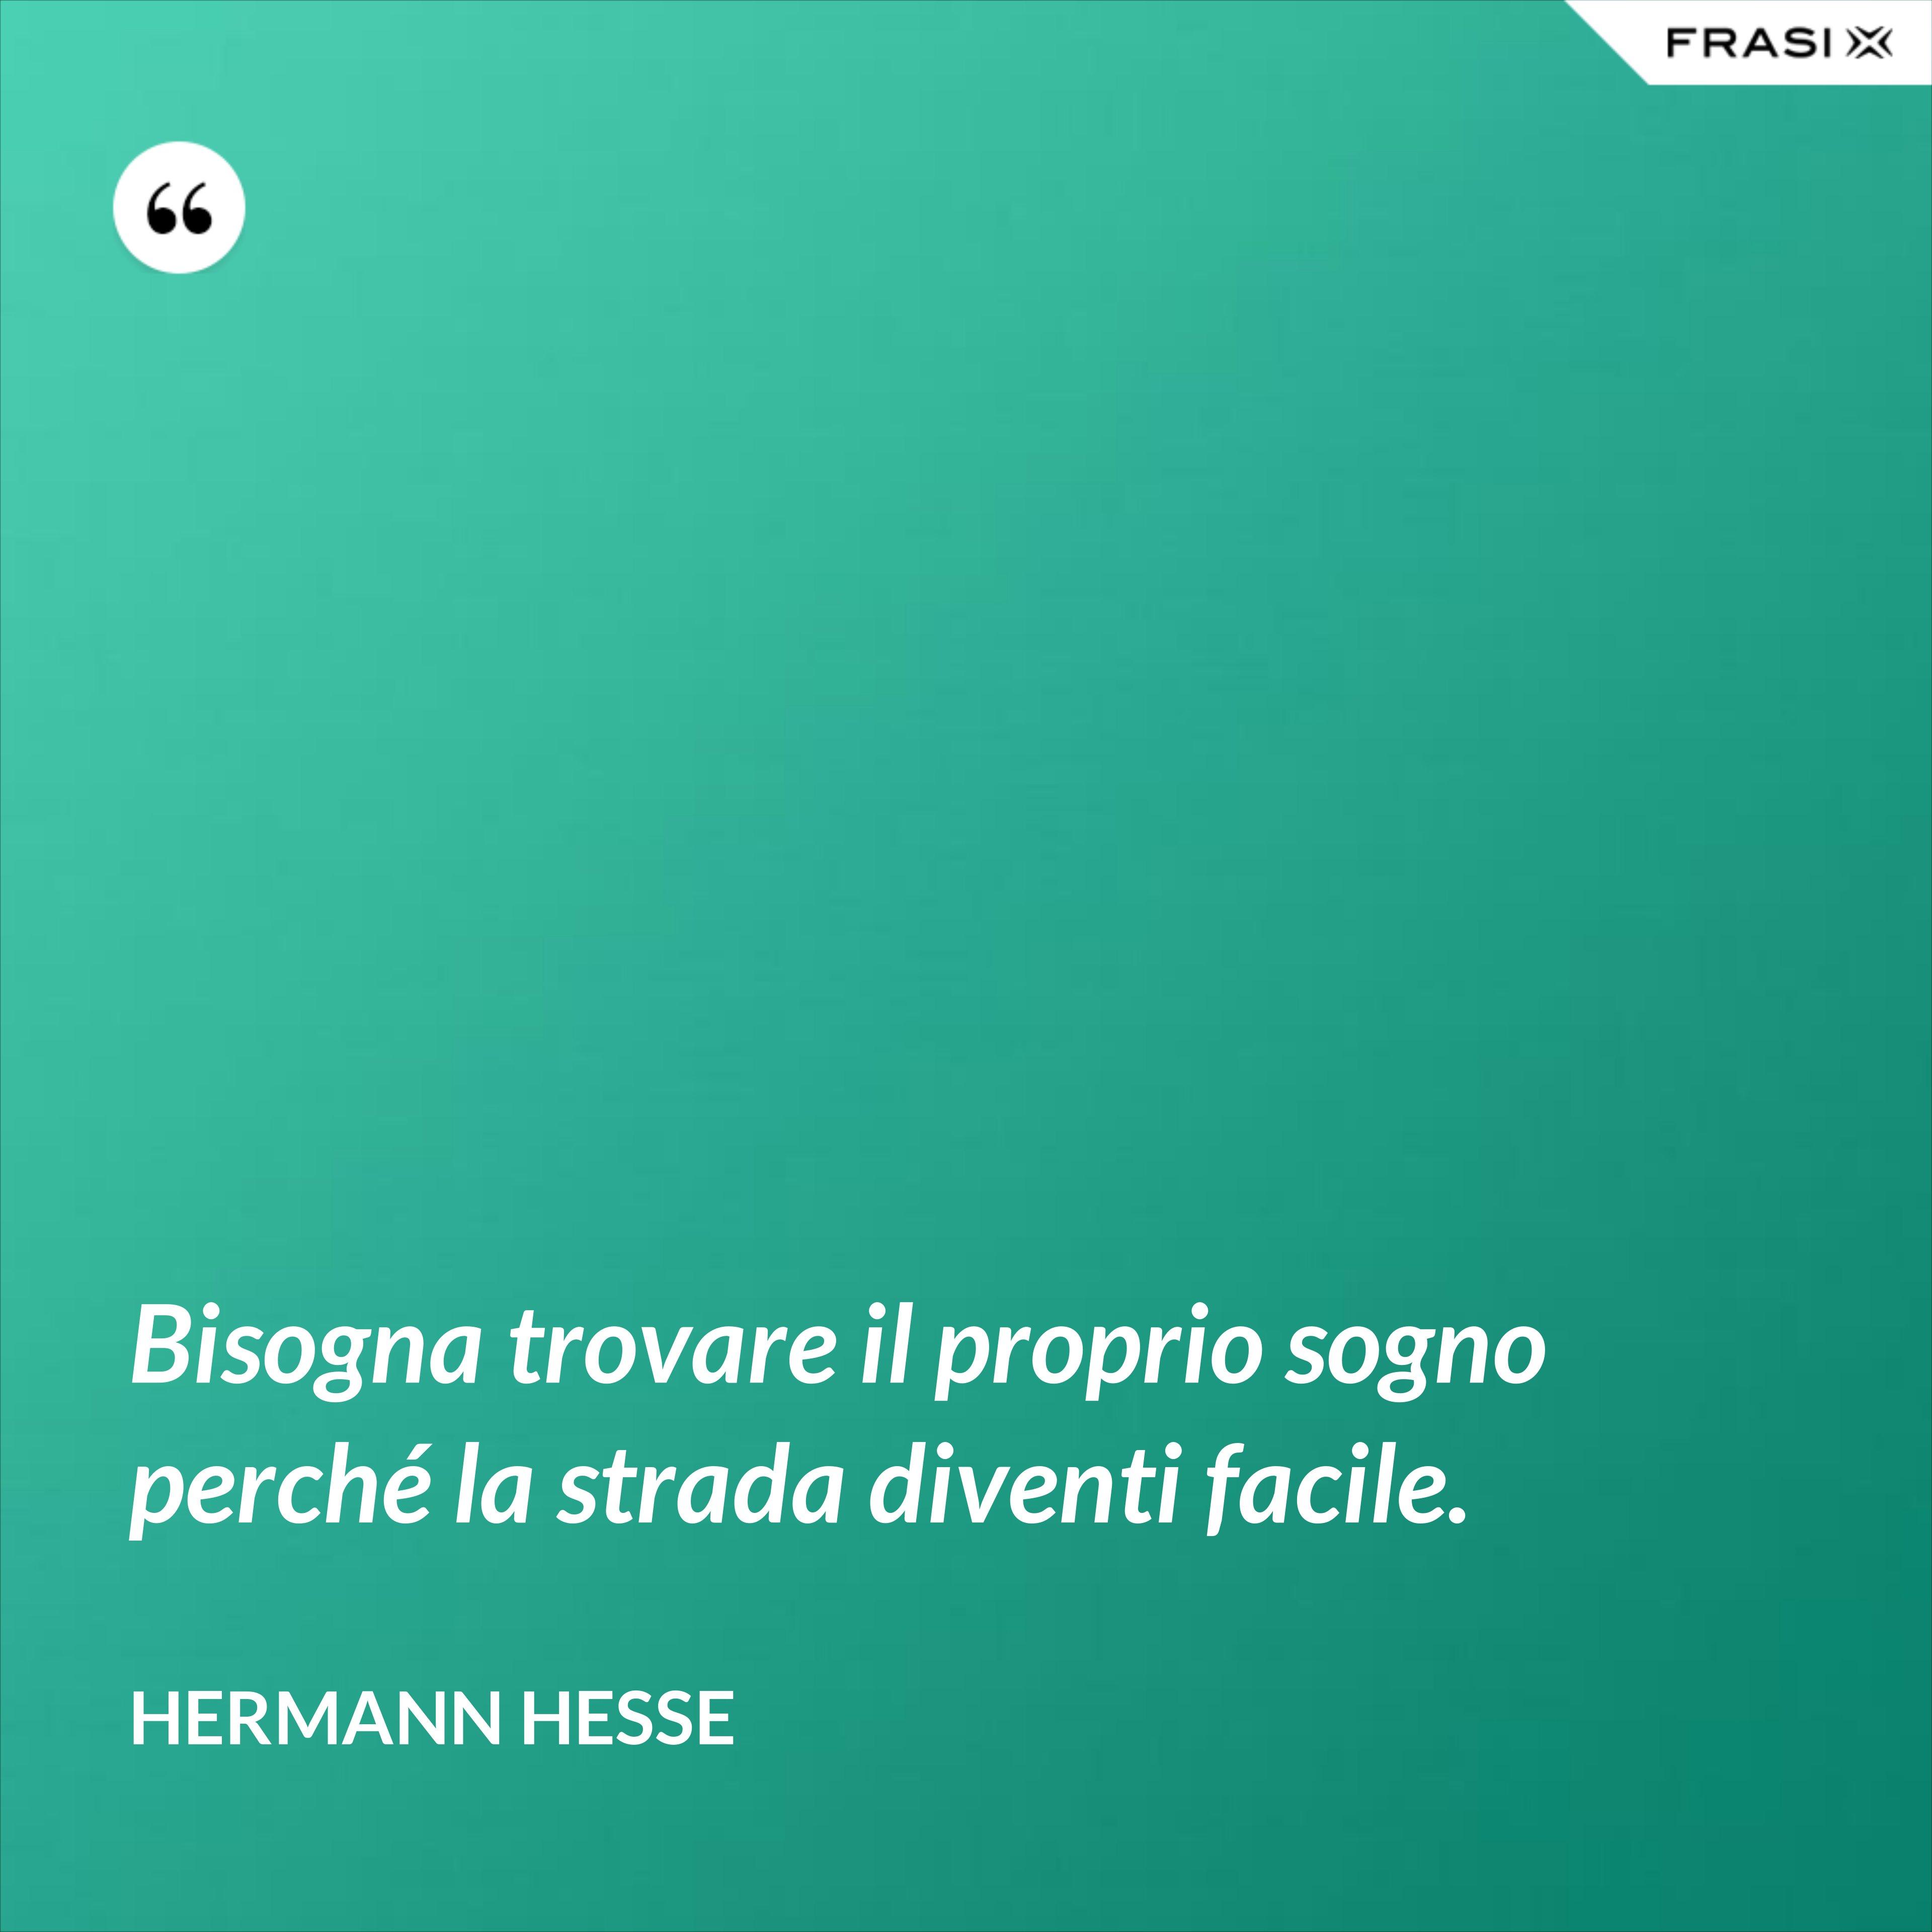 Bisogna trovare il proprio sogno perché la strada diventi facile. - Hermann Hesse